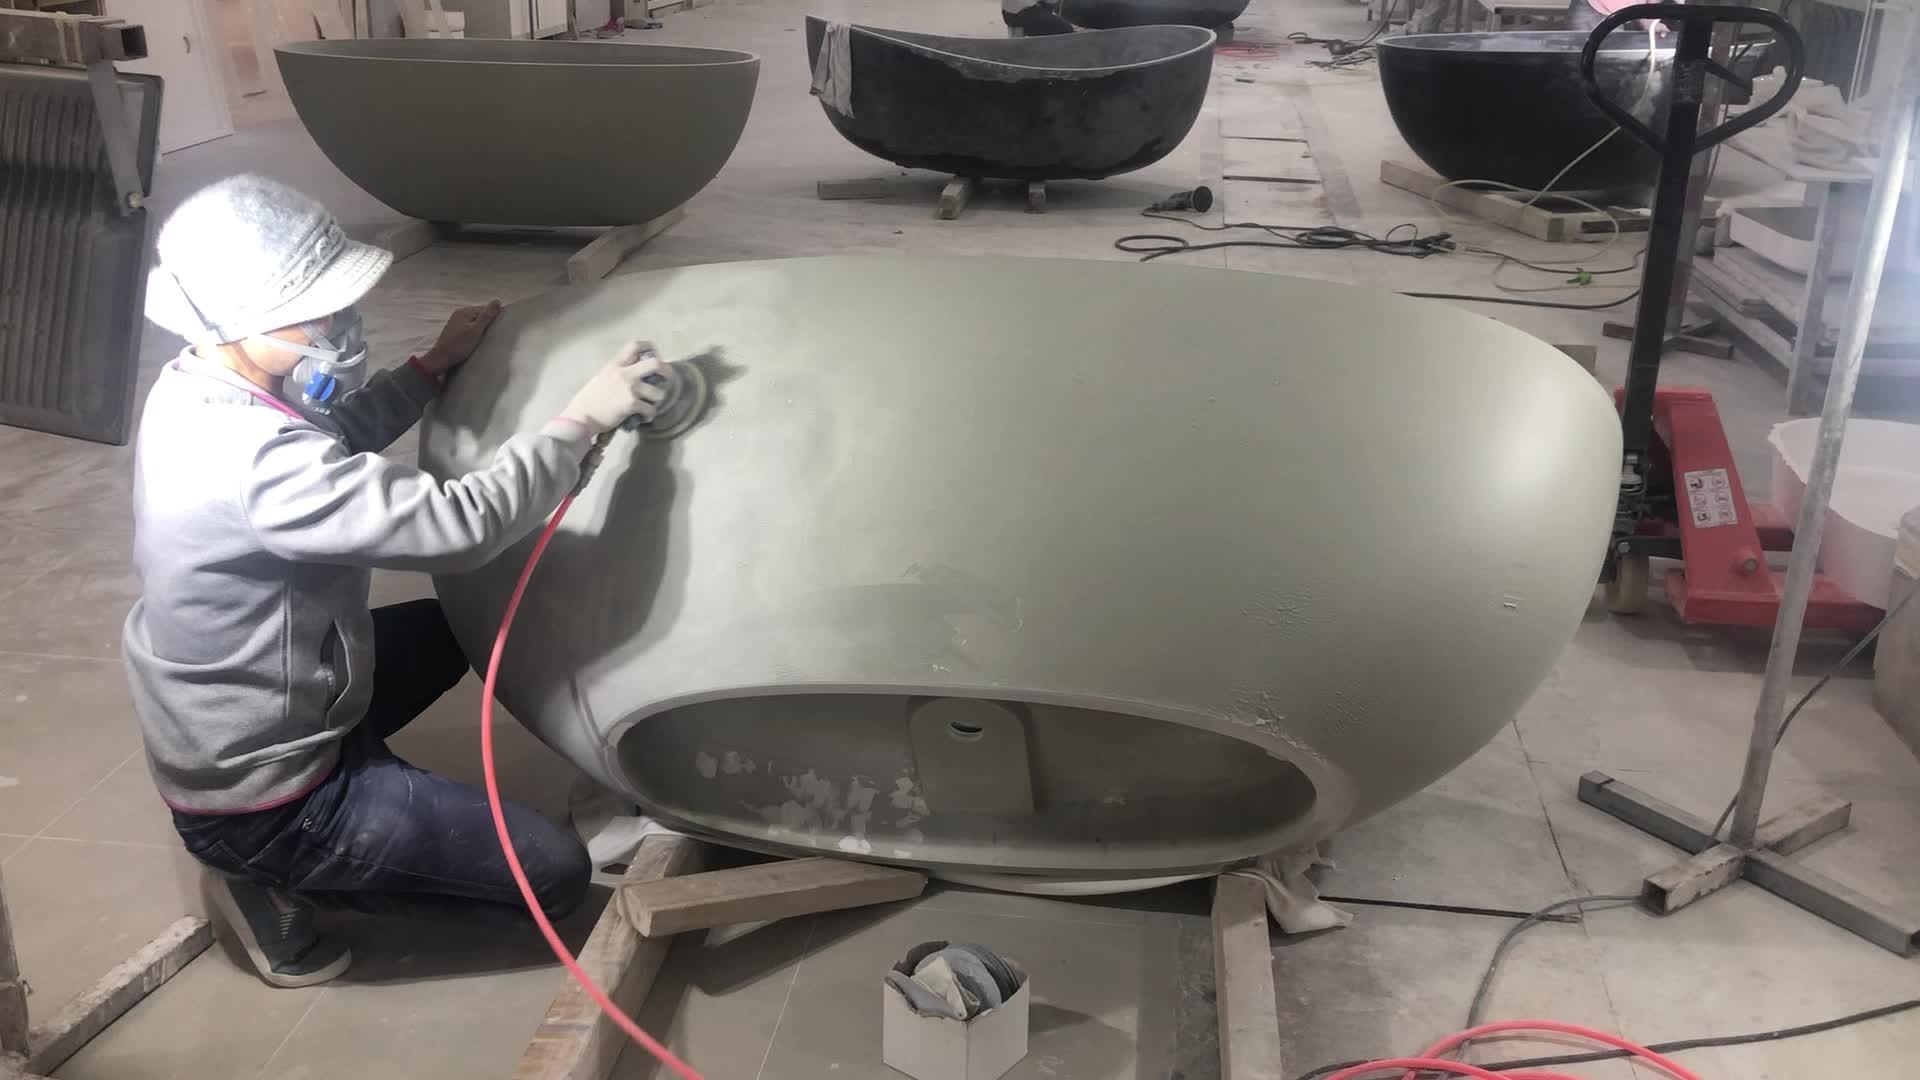 Siyah yapay mermer standı ücretsiz banyo küveti, iki kişi büyük boy katı yüzey kompozit taş reçine bağlantısız küvet